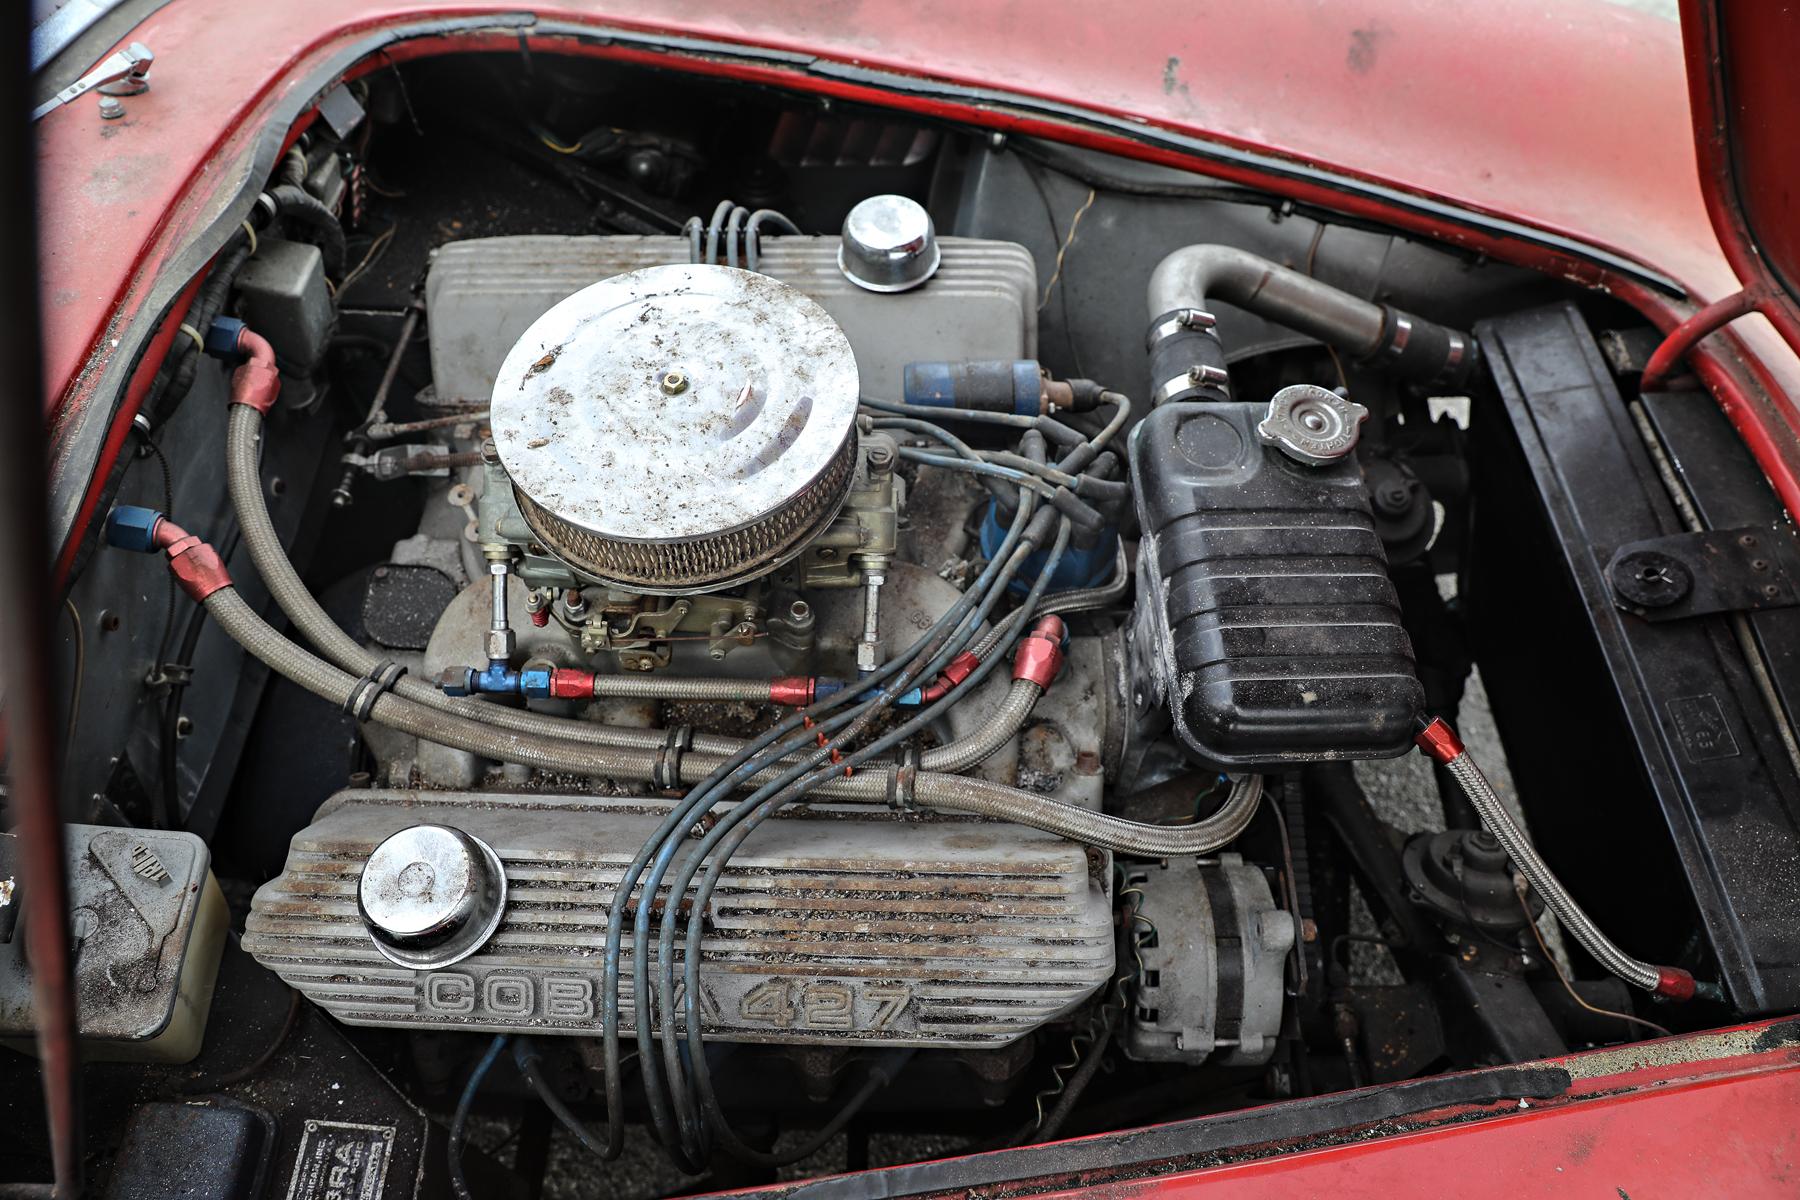 1966 Shelby Cobra 427 engine